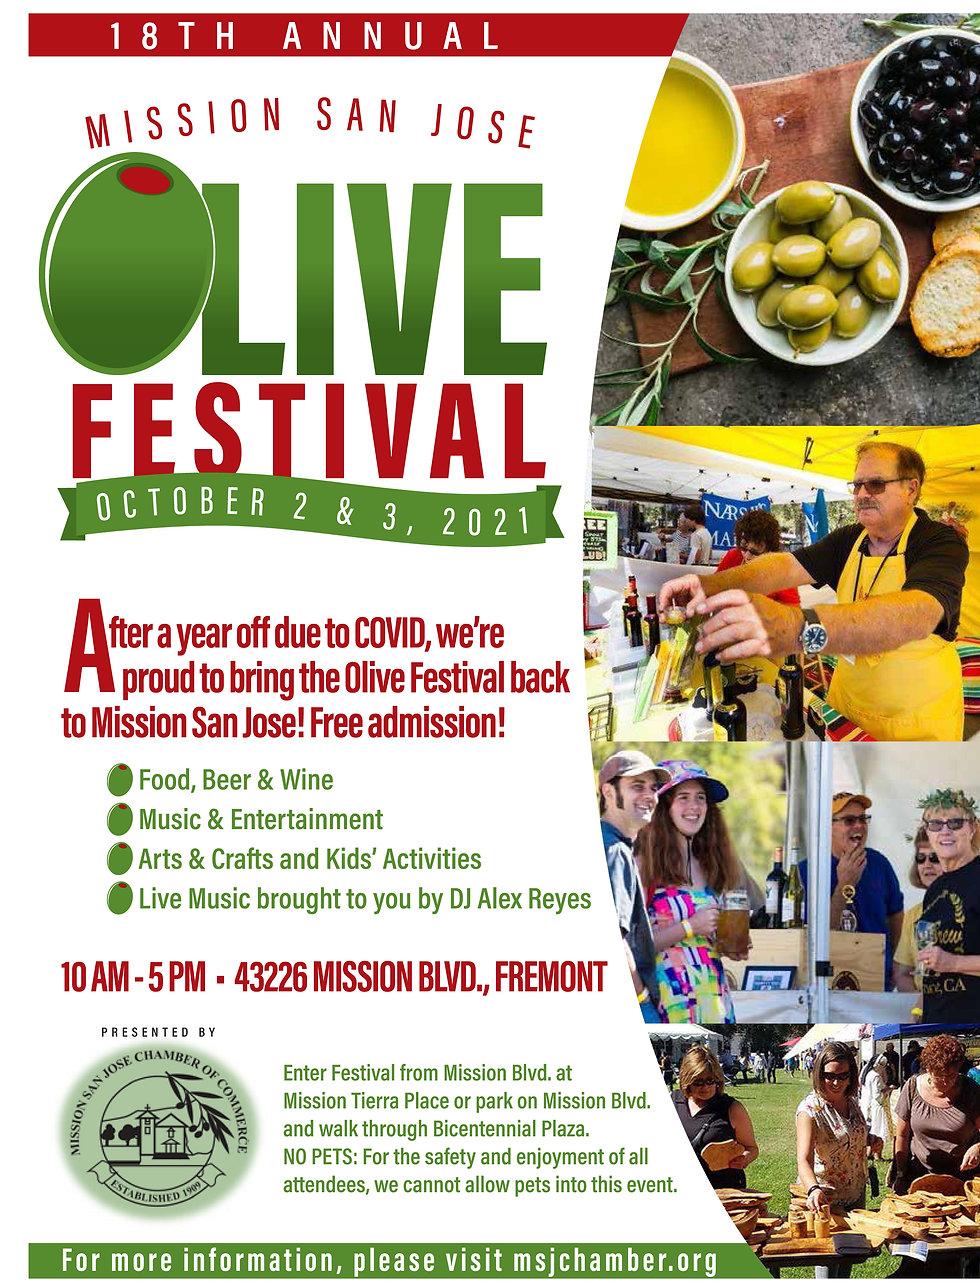 Olive Festival Flyer 2021.jpg